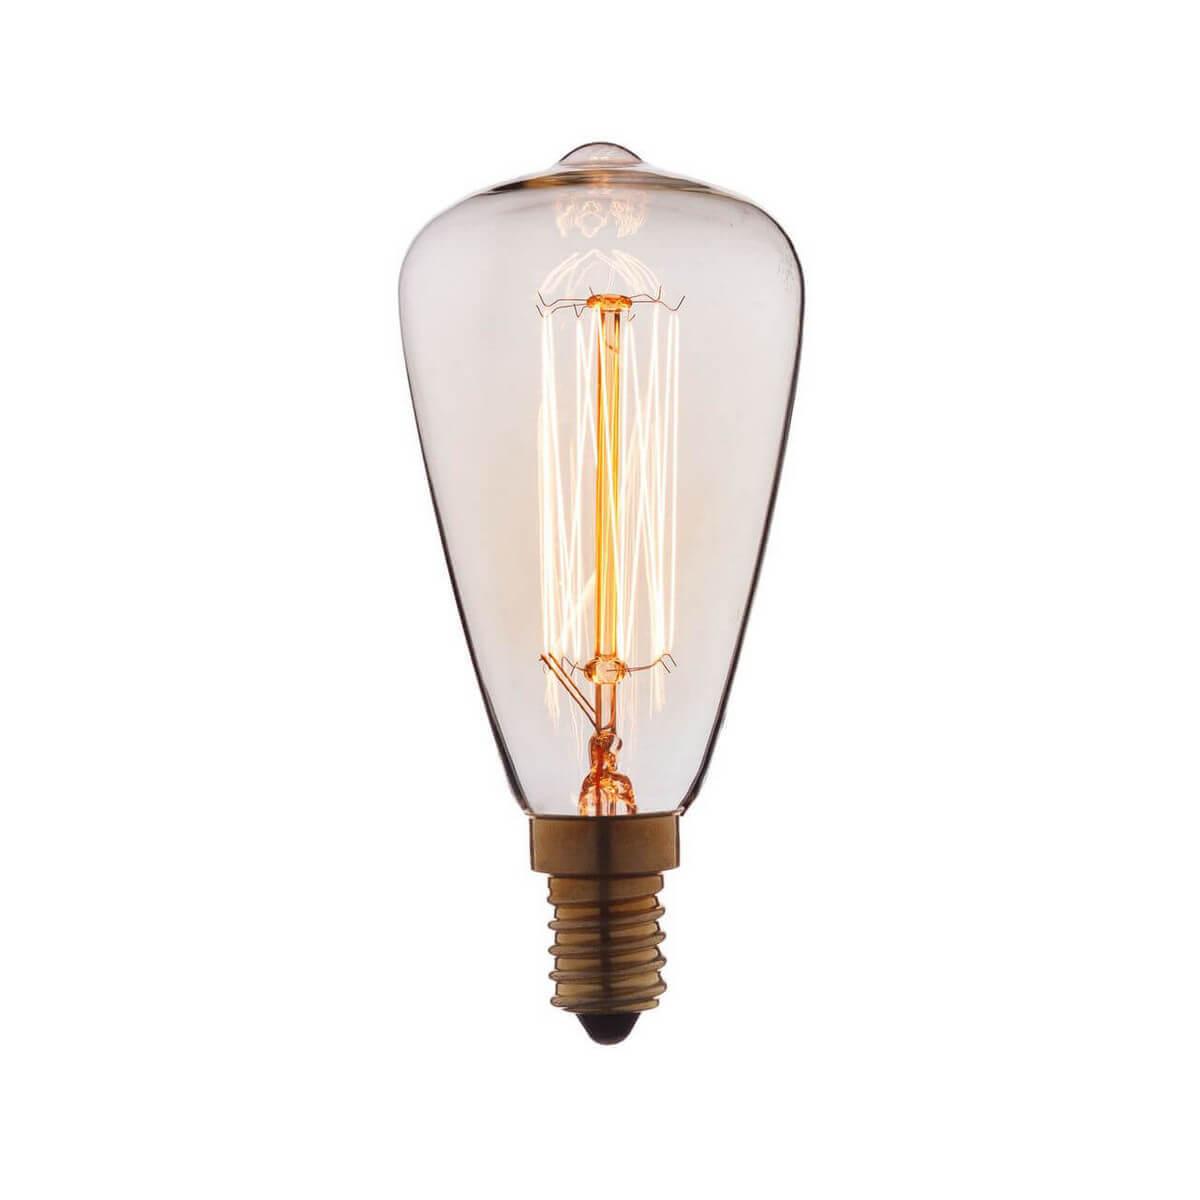 Лампа накаливания E14 60W прозрачная 4860-F phillips лампа накаливания ge 60w e14 свеча прозрачная